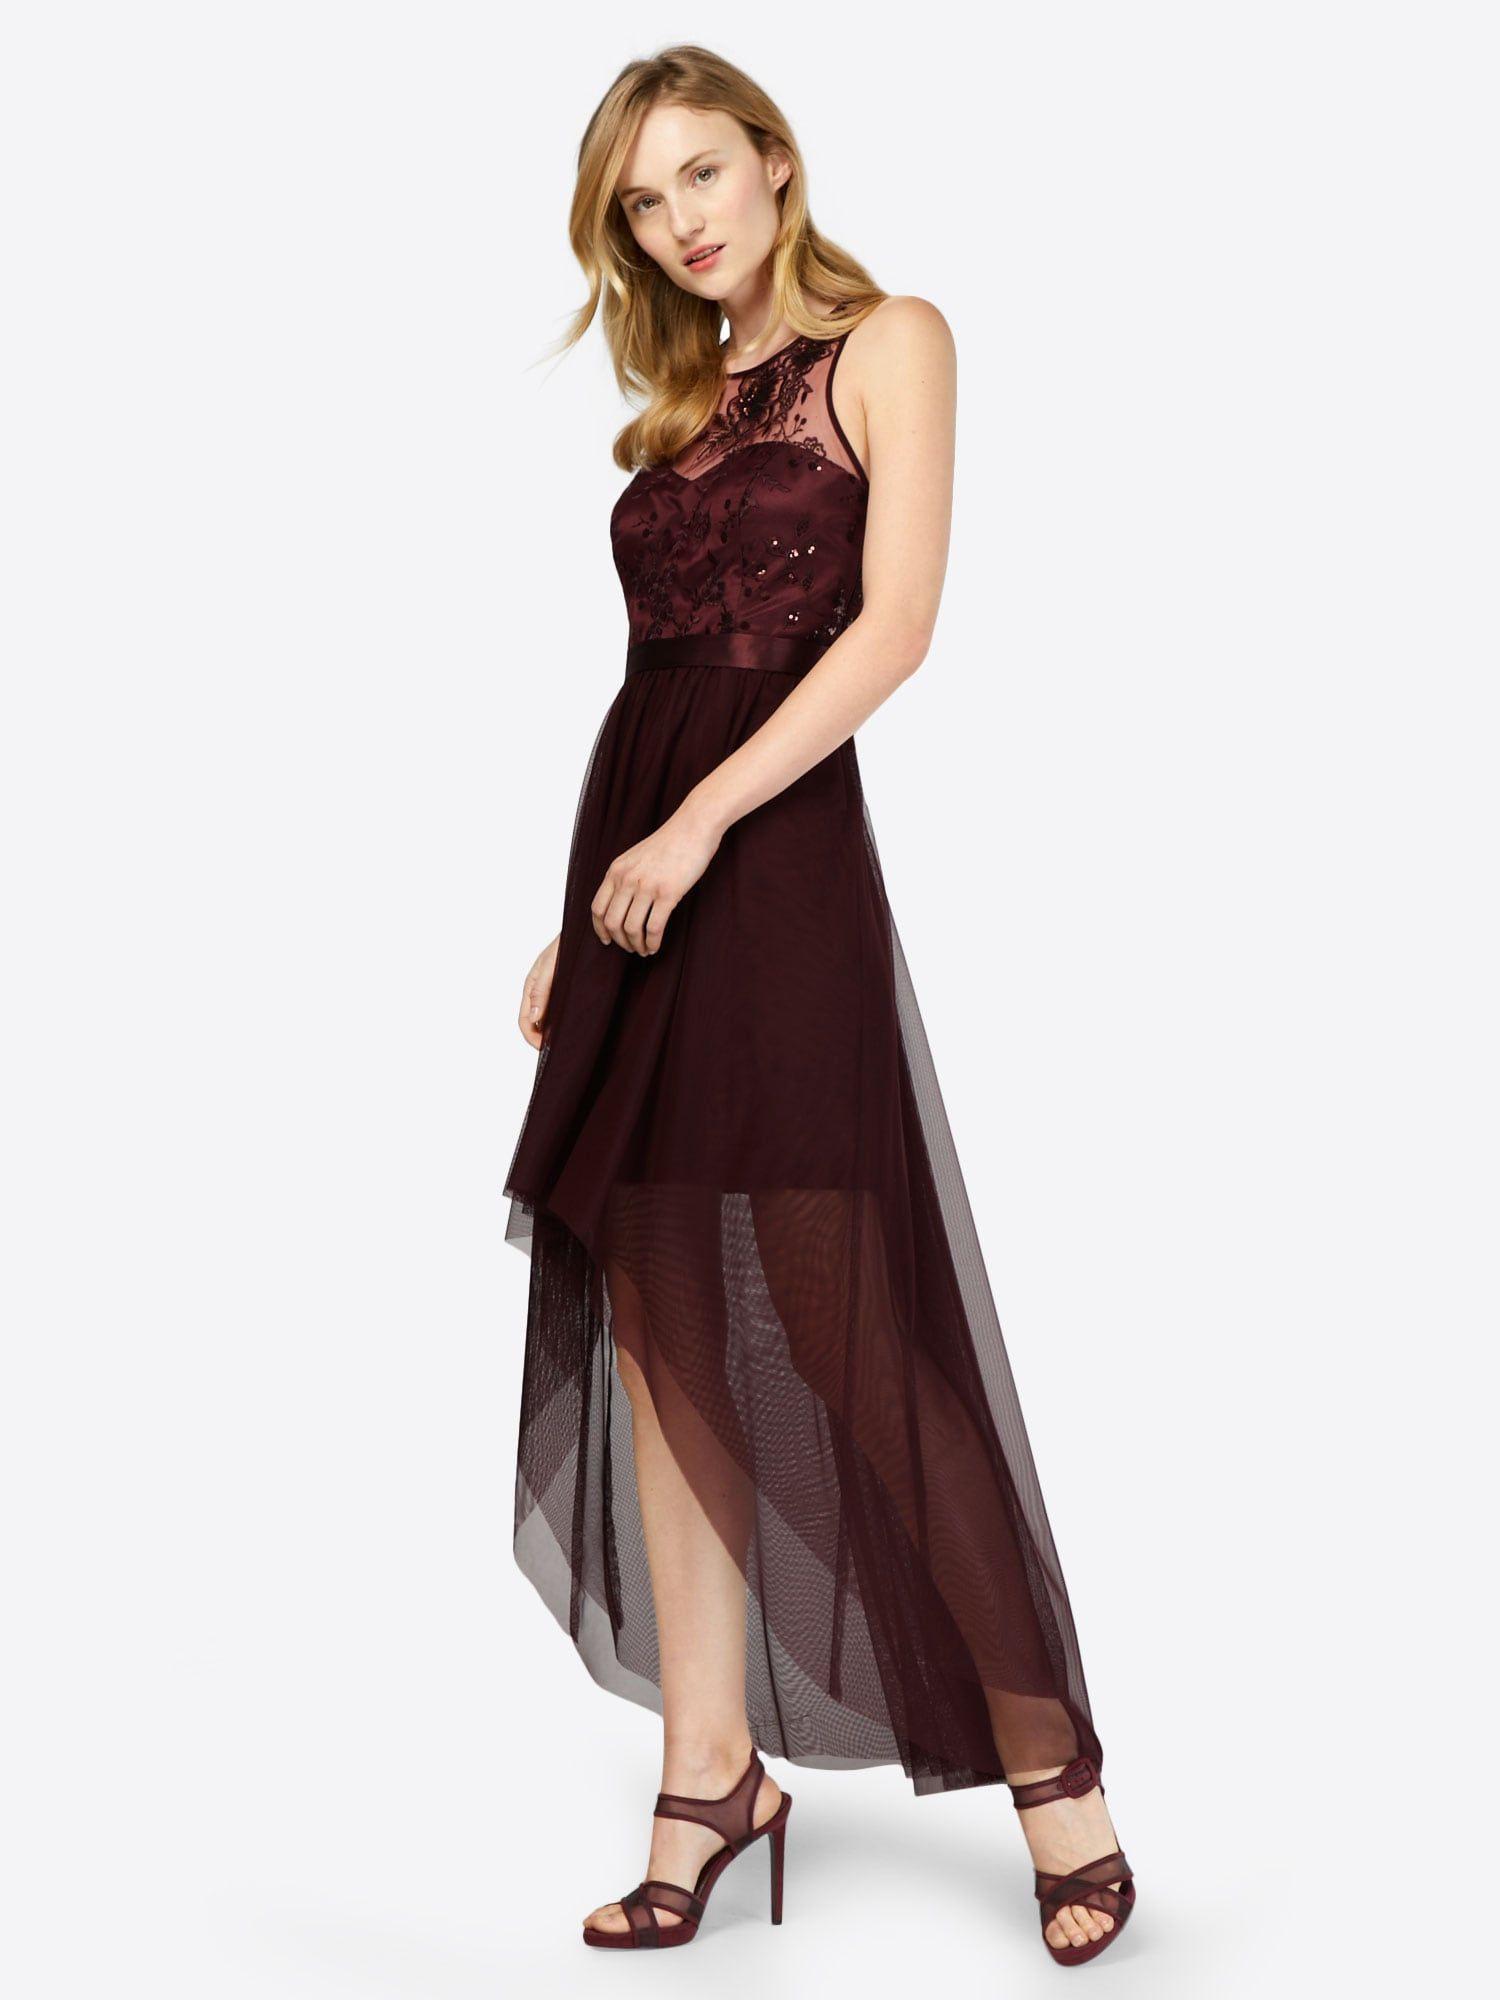 Top Vm Vera Mont Abendkleid BoutiqueDesigner Genial Vm Vera Mont Abendkleid Spezialgebiet